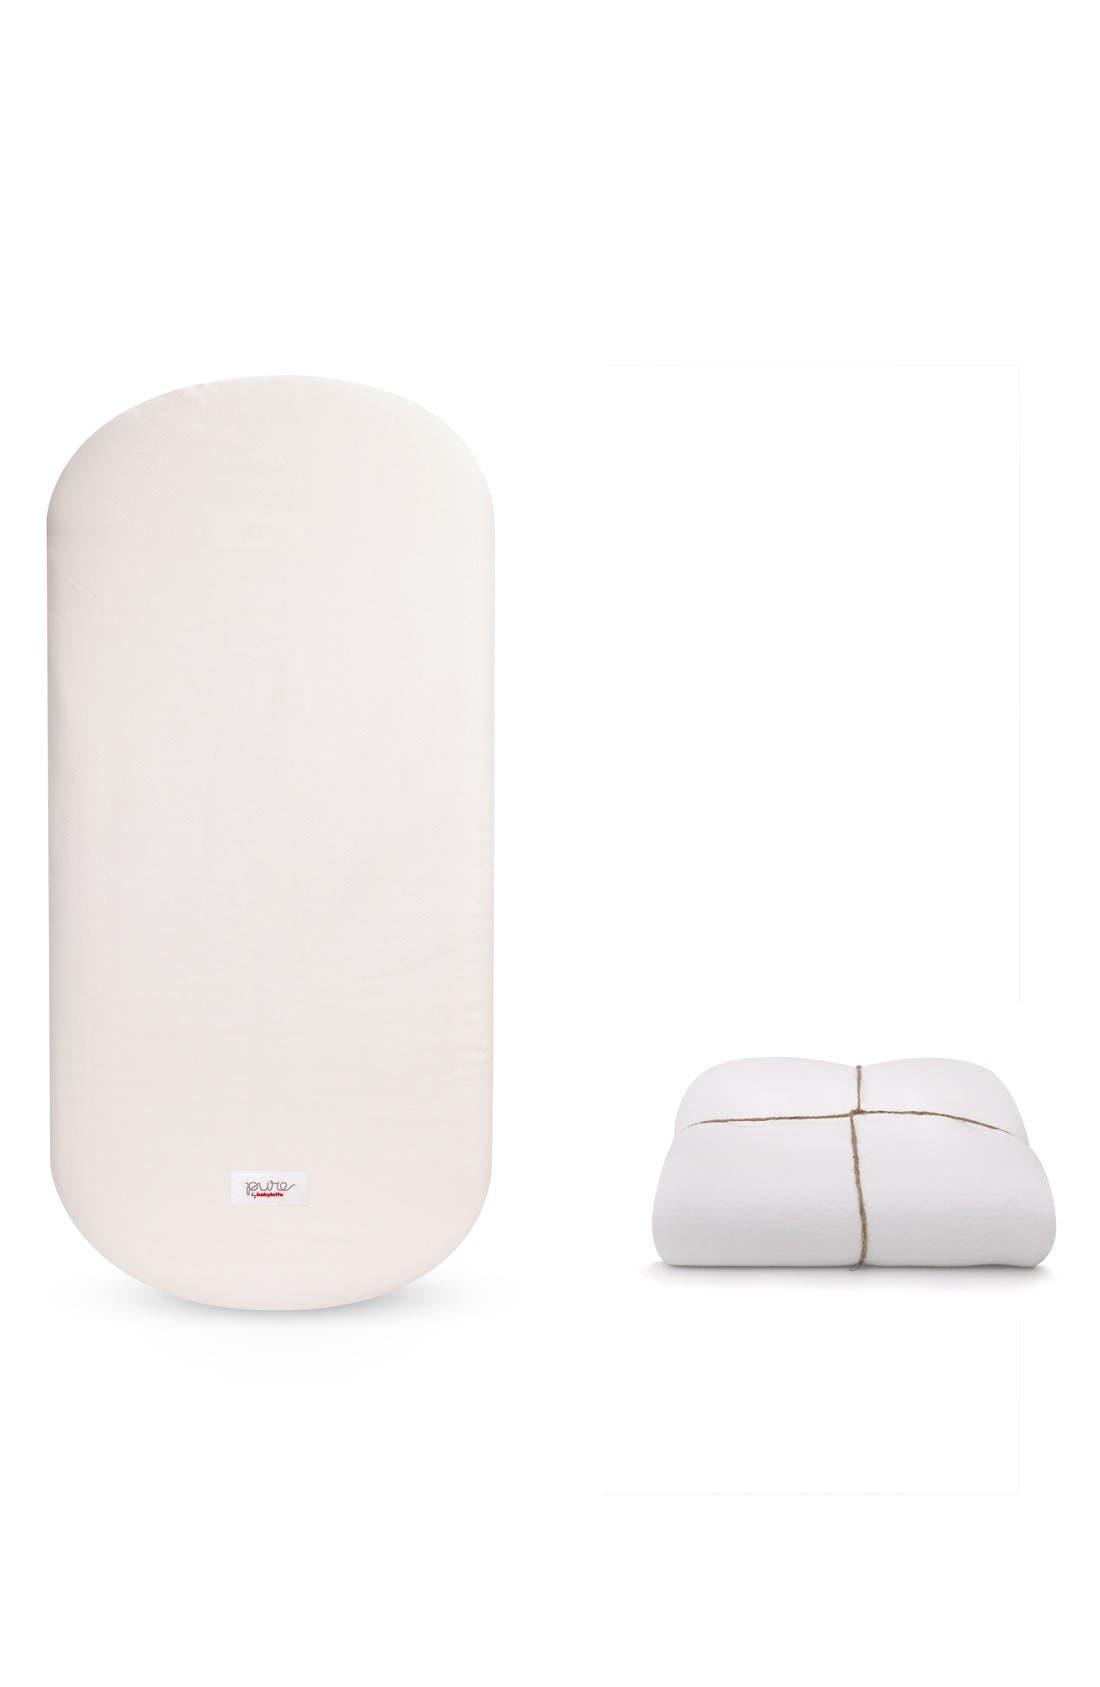 Main Image - babyletto Hula Pure Coco Core Nontoxic Oval Crib Mattress & Water Repellent Cover